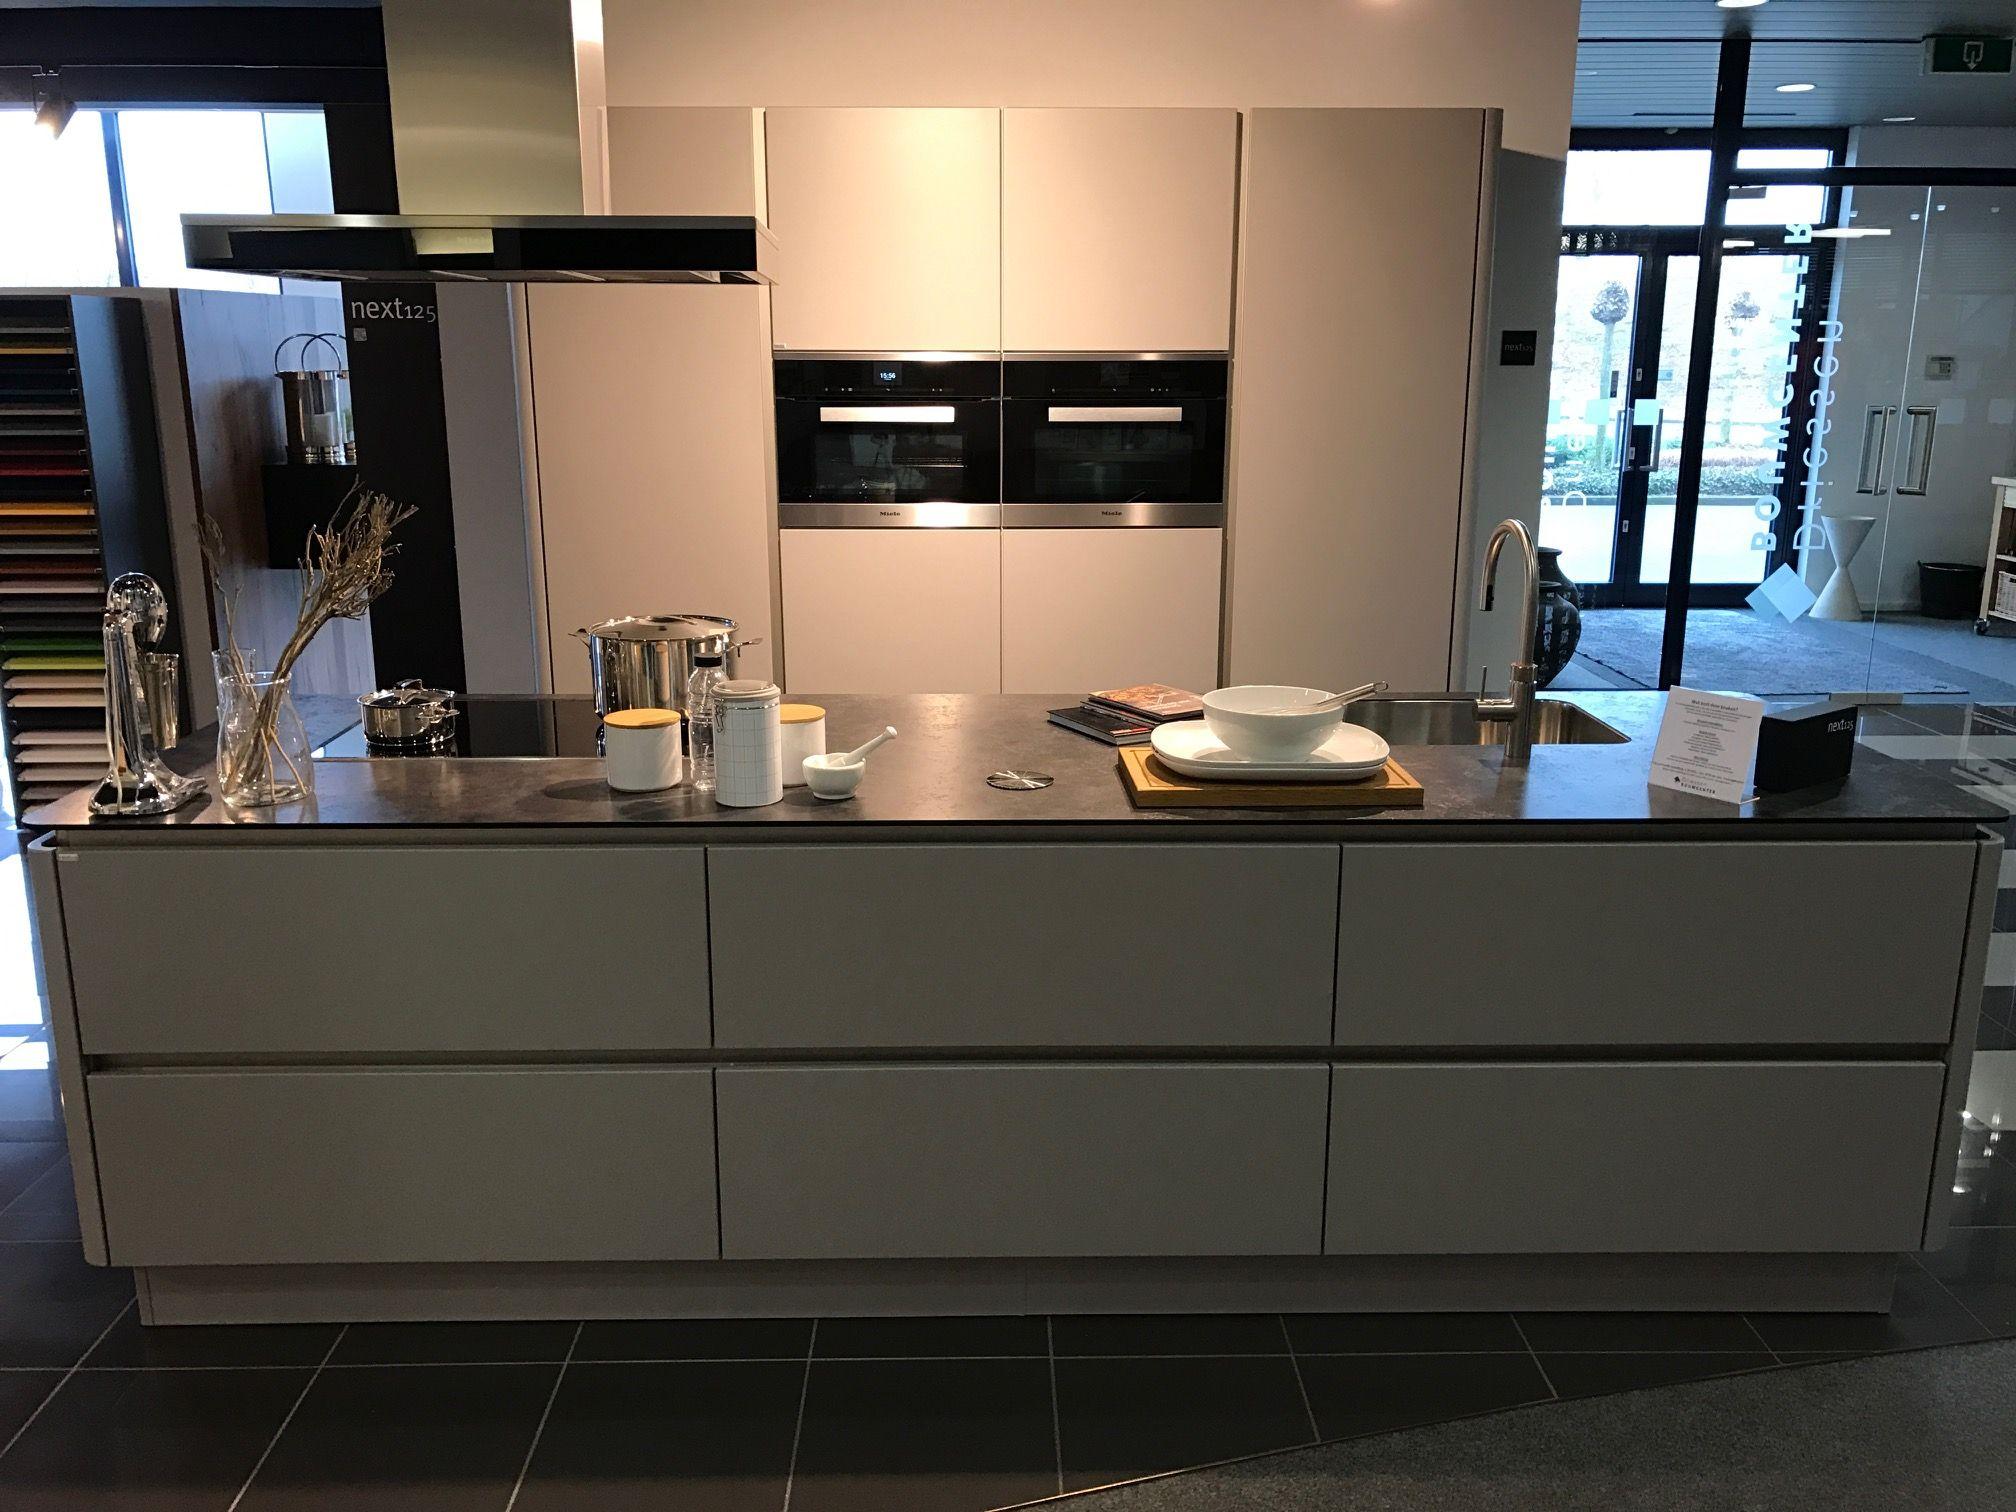 showroomkeukens alle showroomkeuken aanbiedingen uit nederland keukens voor zeer lage keuken. Black Bedroom Furniture Sets. Home Design Ideas